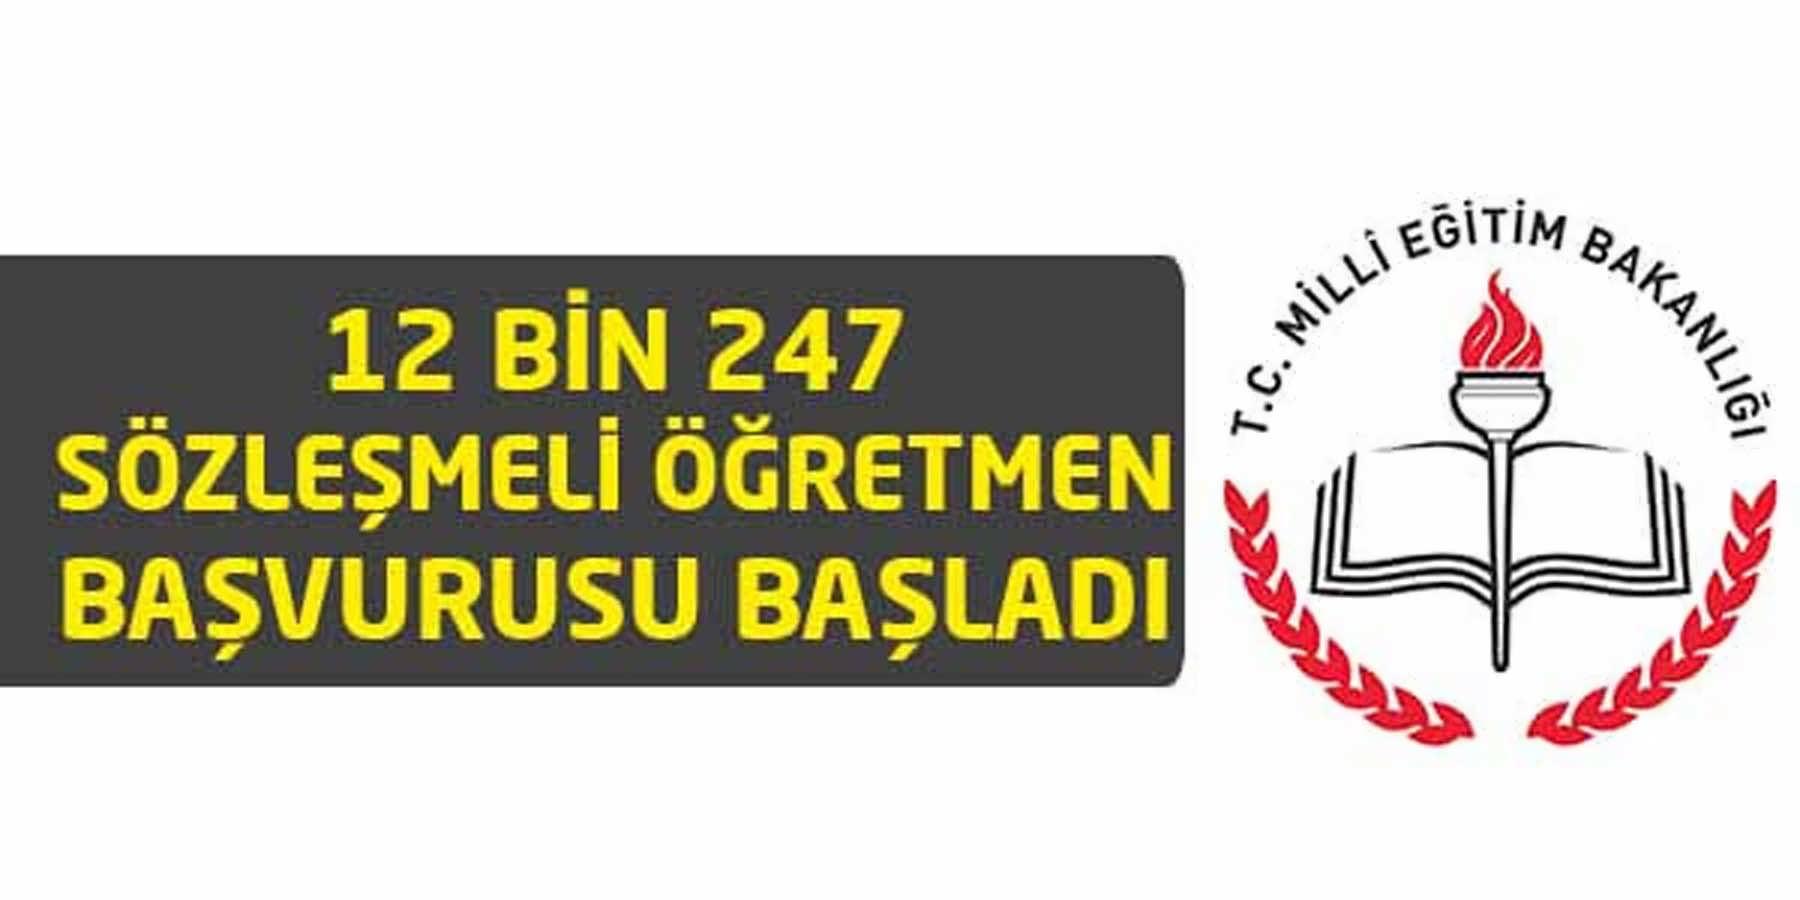 MEB 12 Bin 247 Sözleşmeli Öğretmen Alımını Başlattı